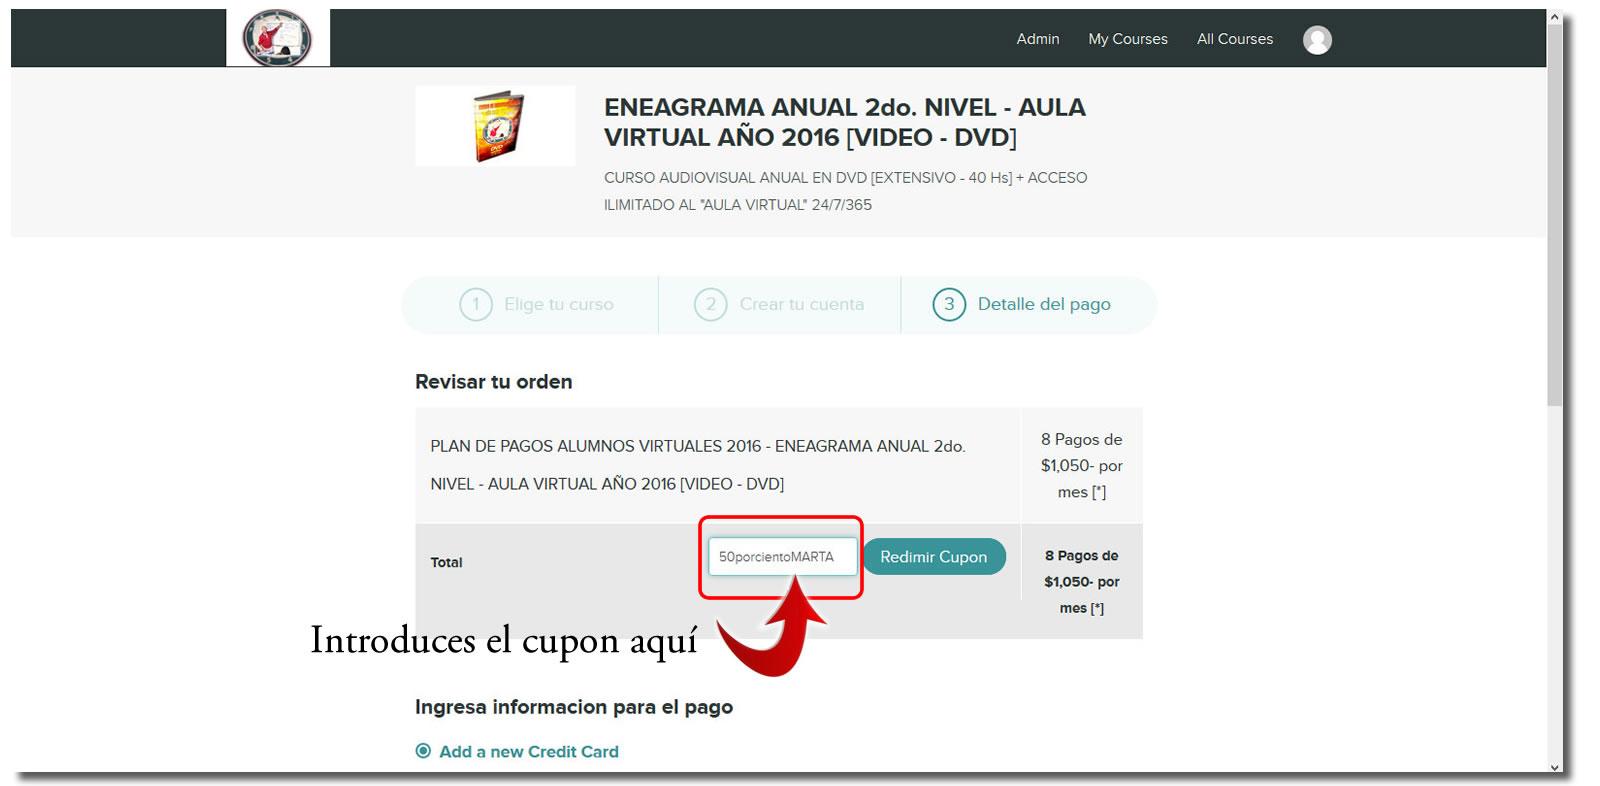 GUIA DE SUSCRIPCION 2 1-Fullscreen capture 8312016 50422 PM